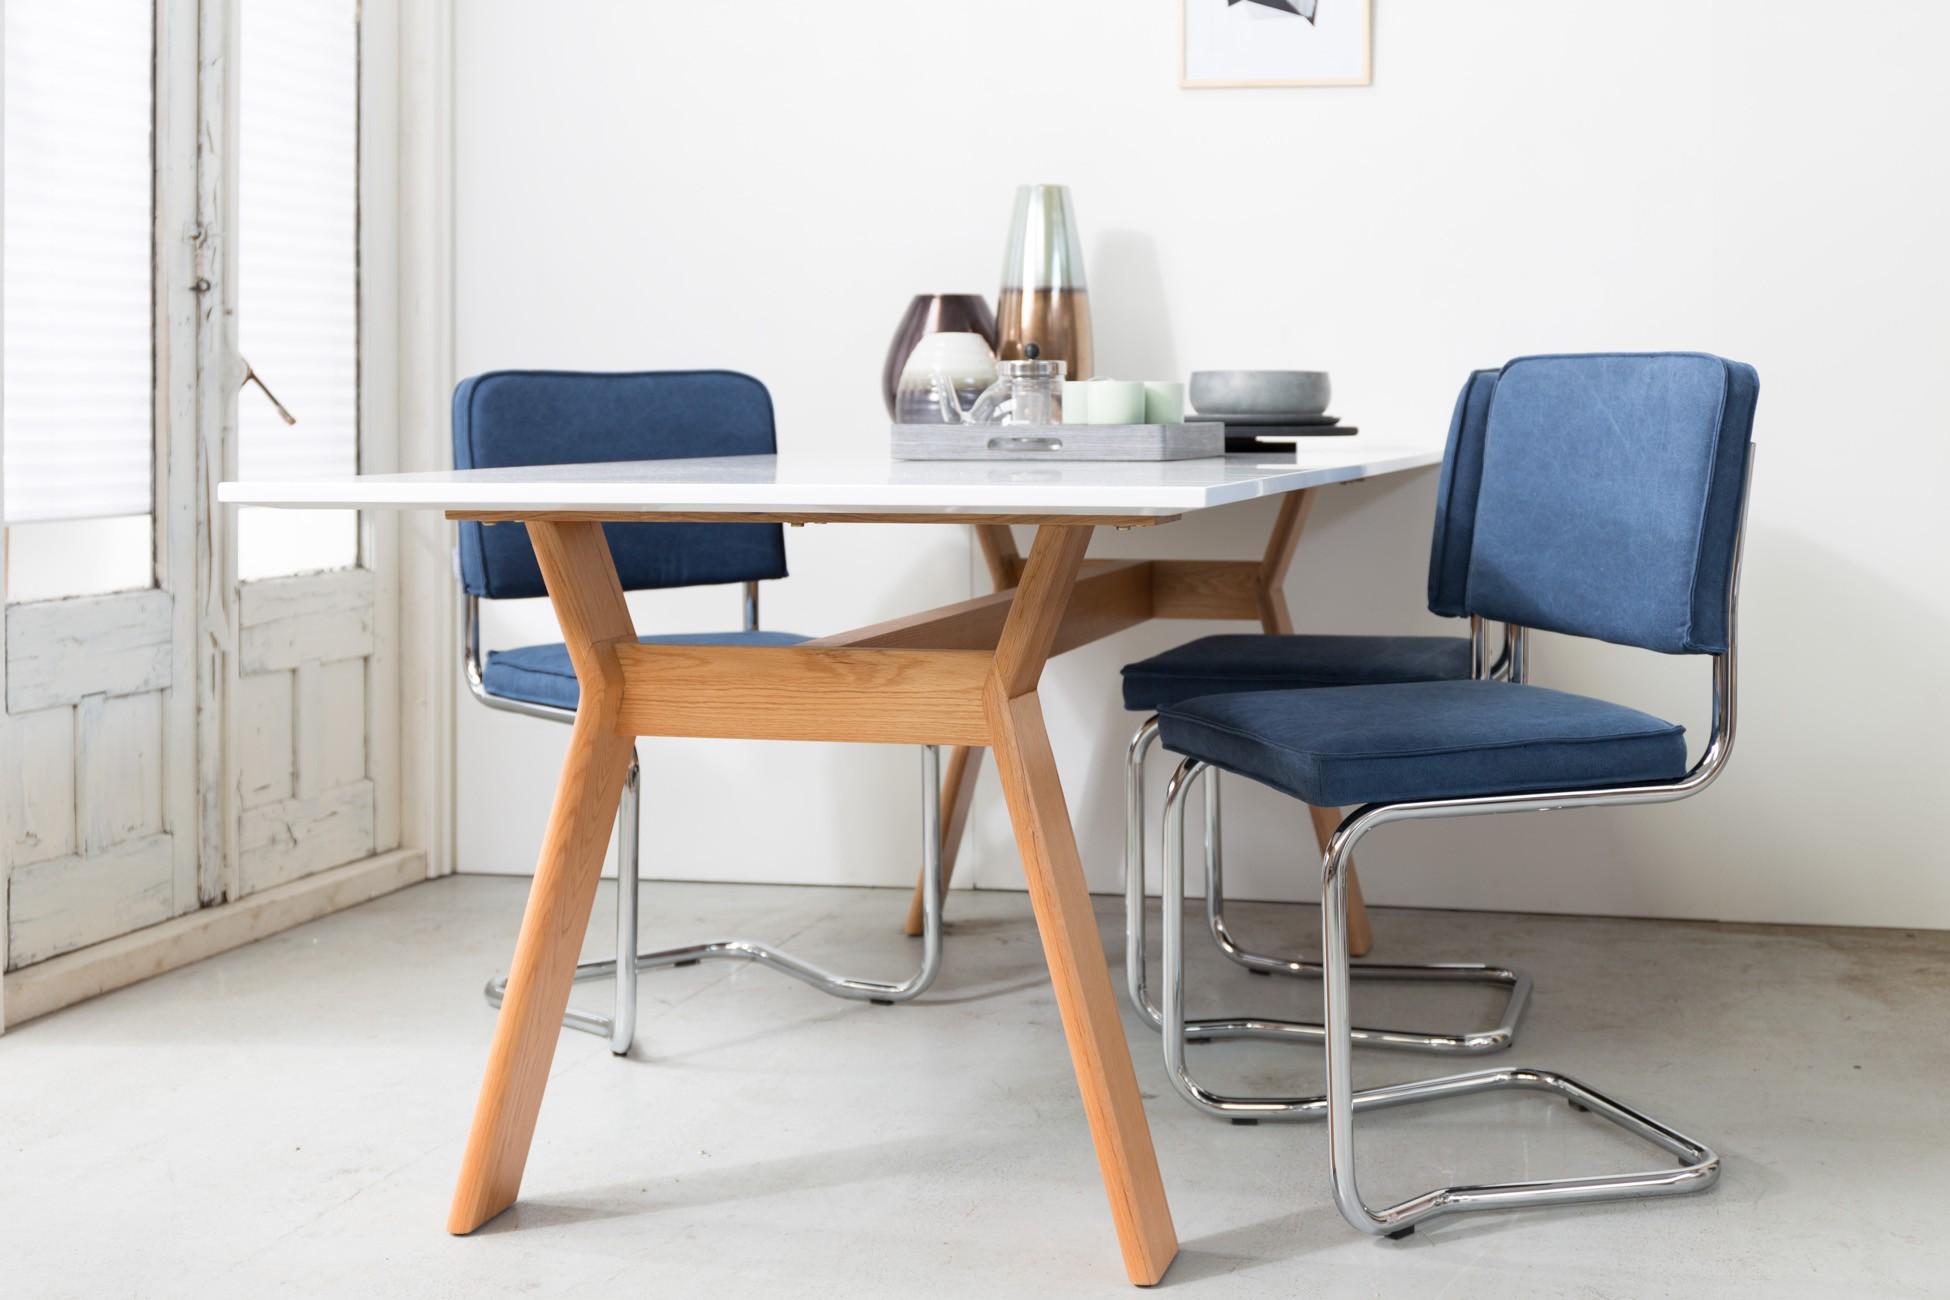 Zuiver Marble Tafel : High on wood tafel van zuiver gratis thuisbezorgd puur design